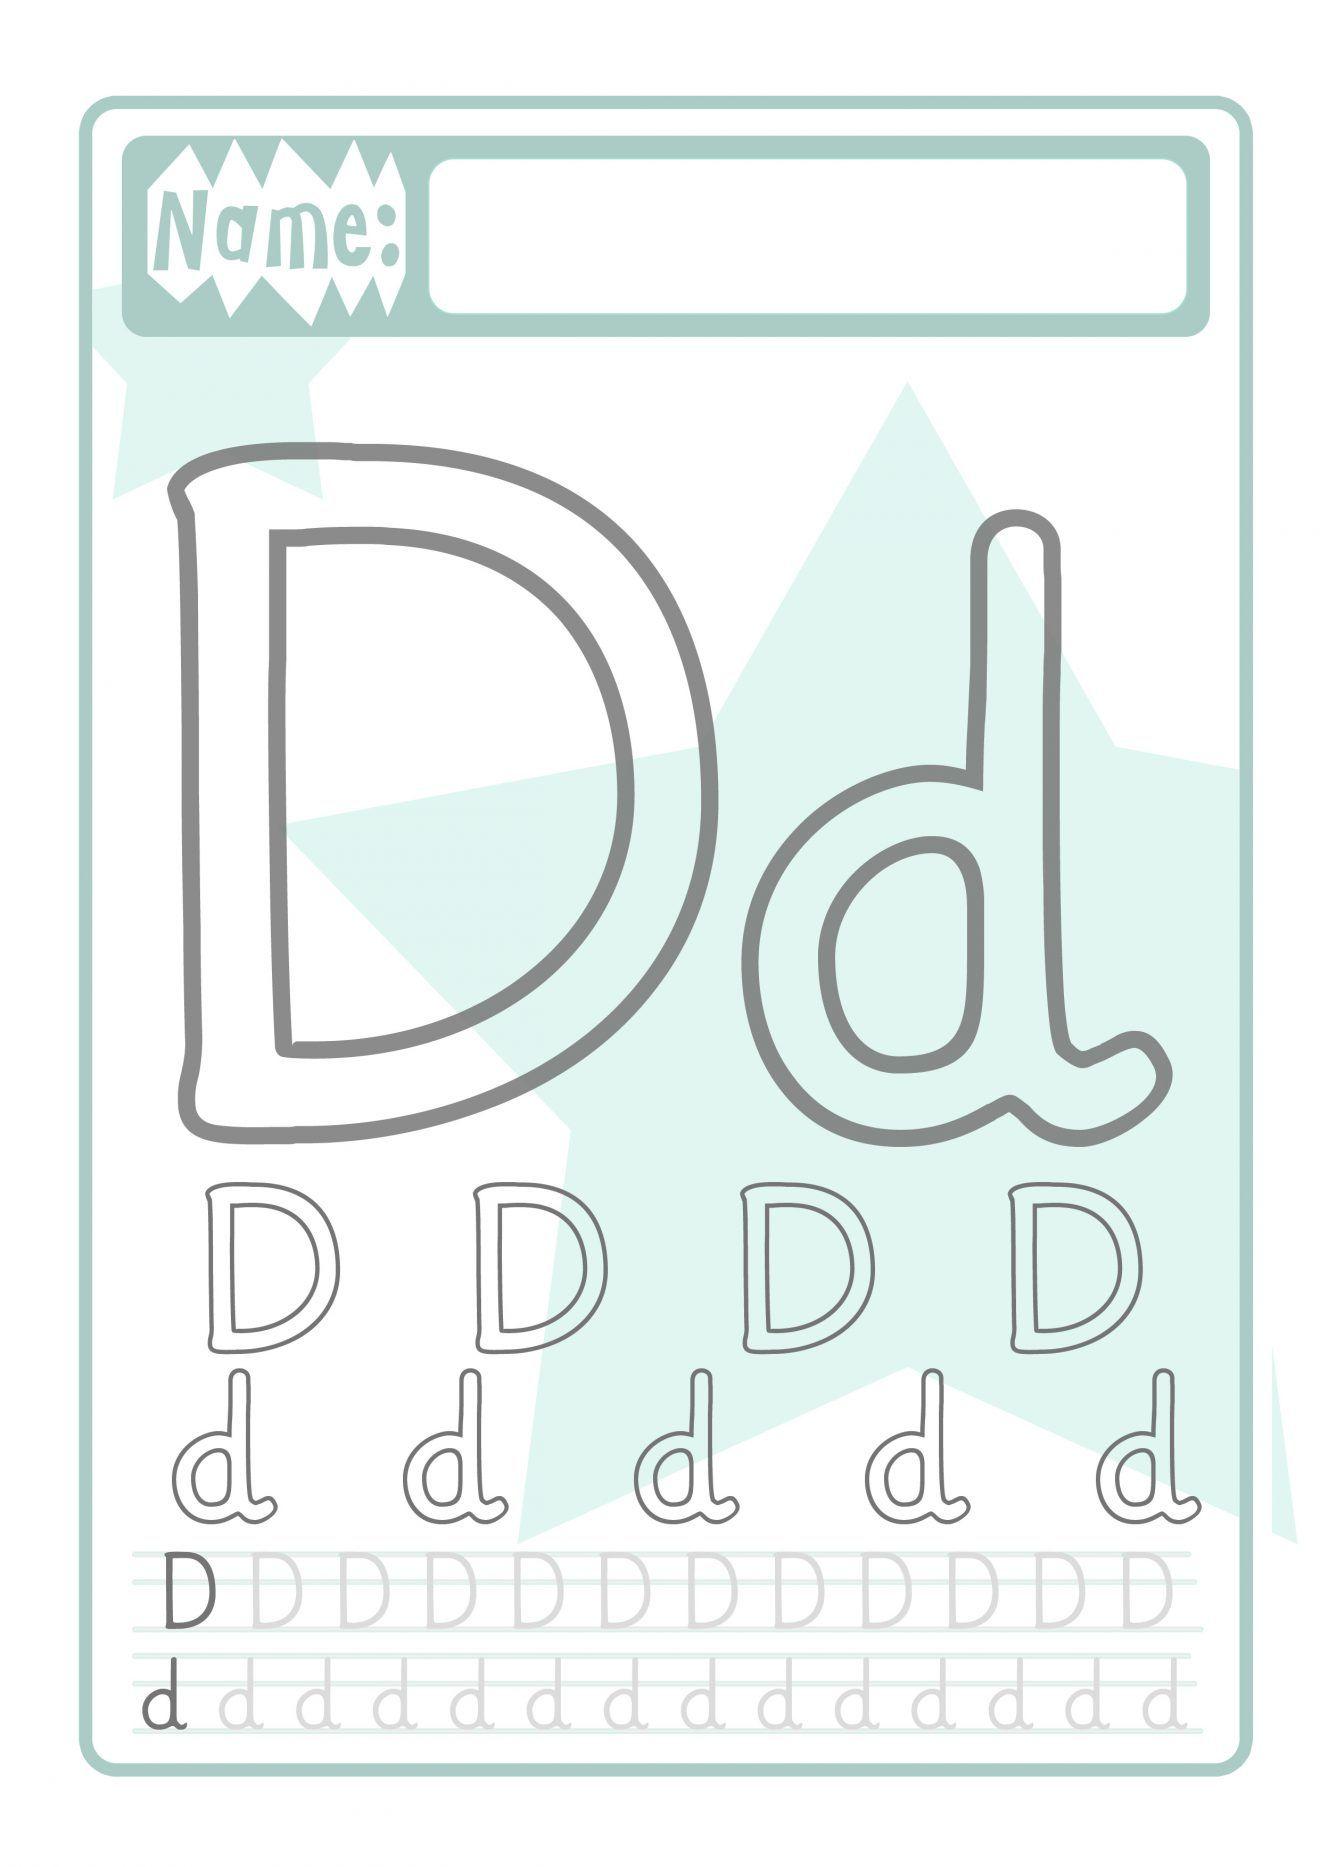 buchstaben druckvorlage für kinder  buchstaben